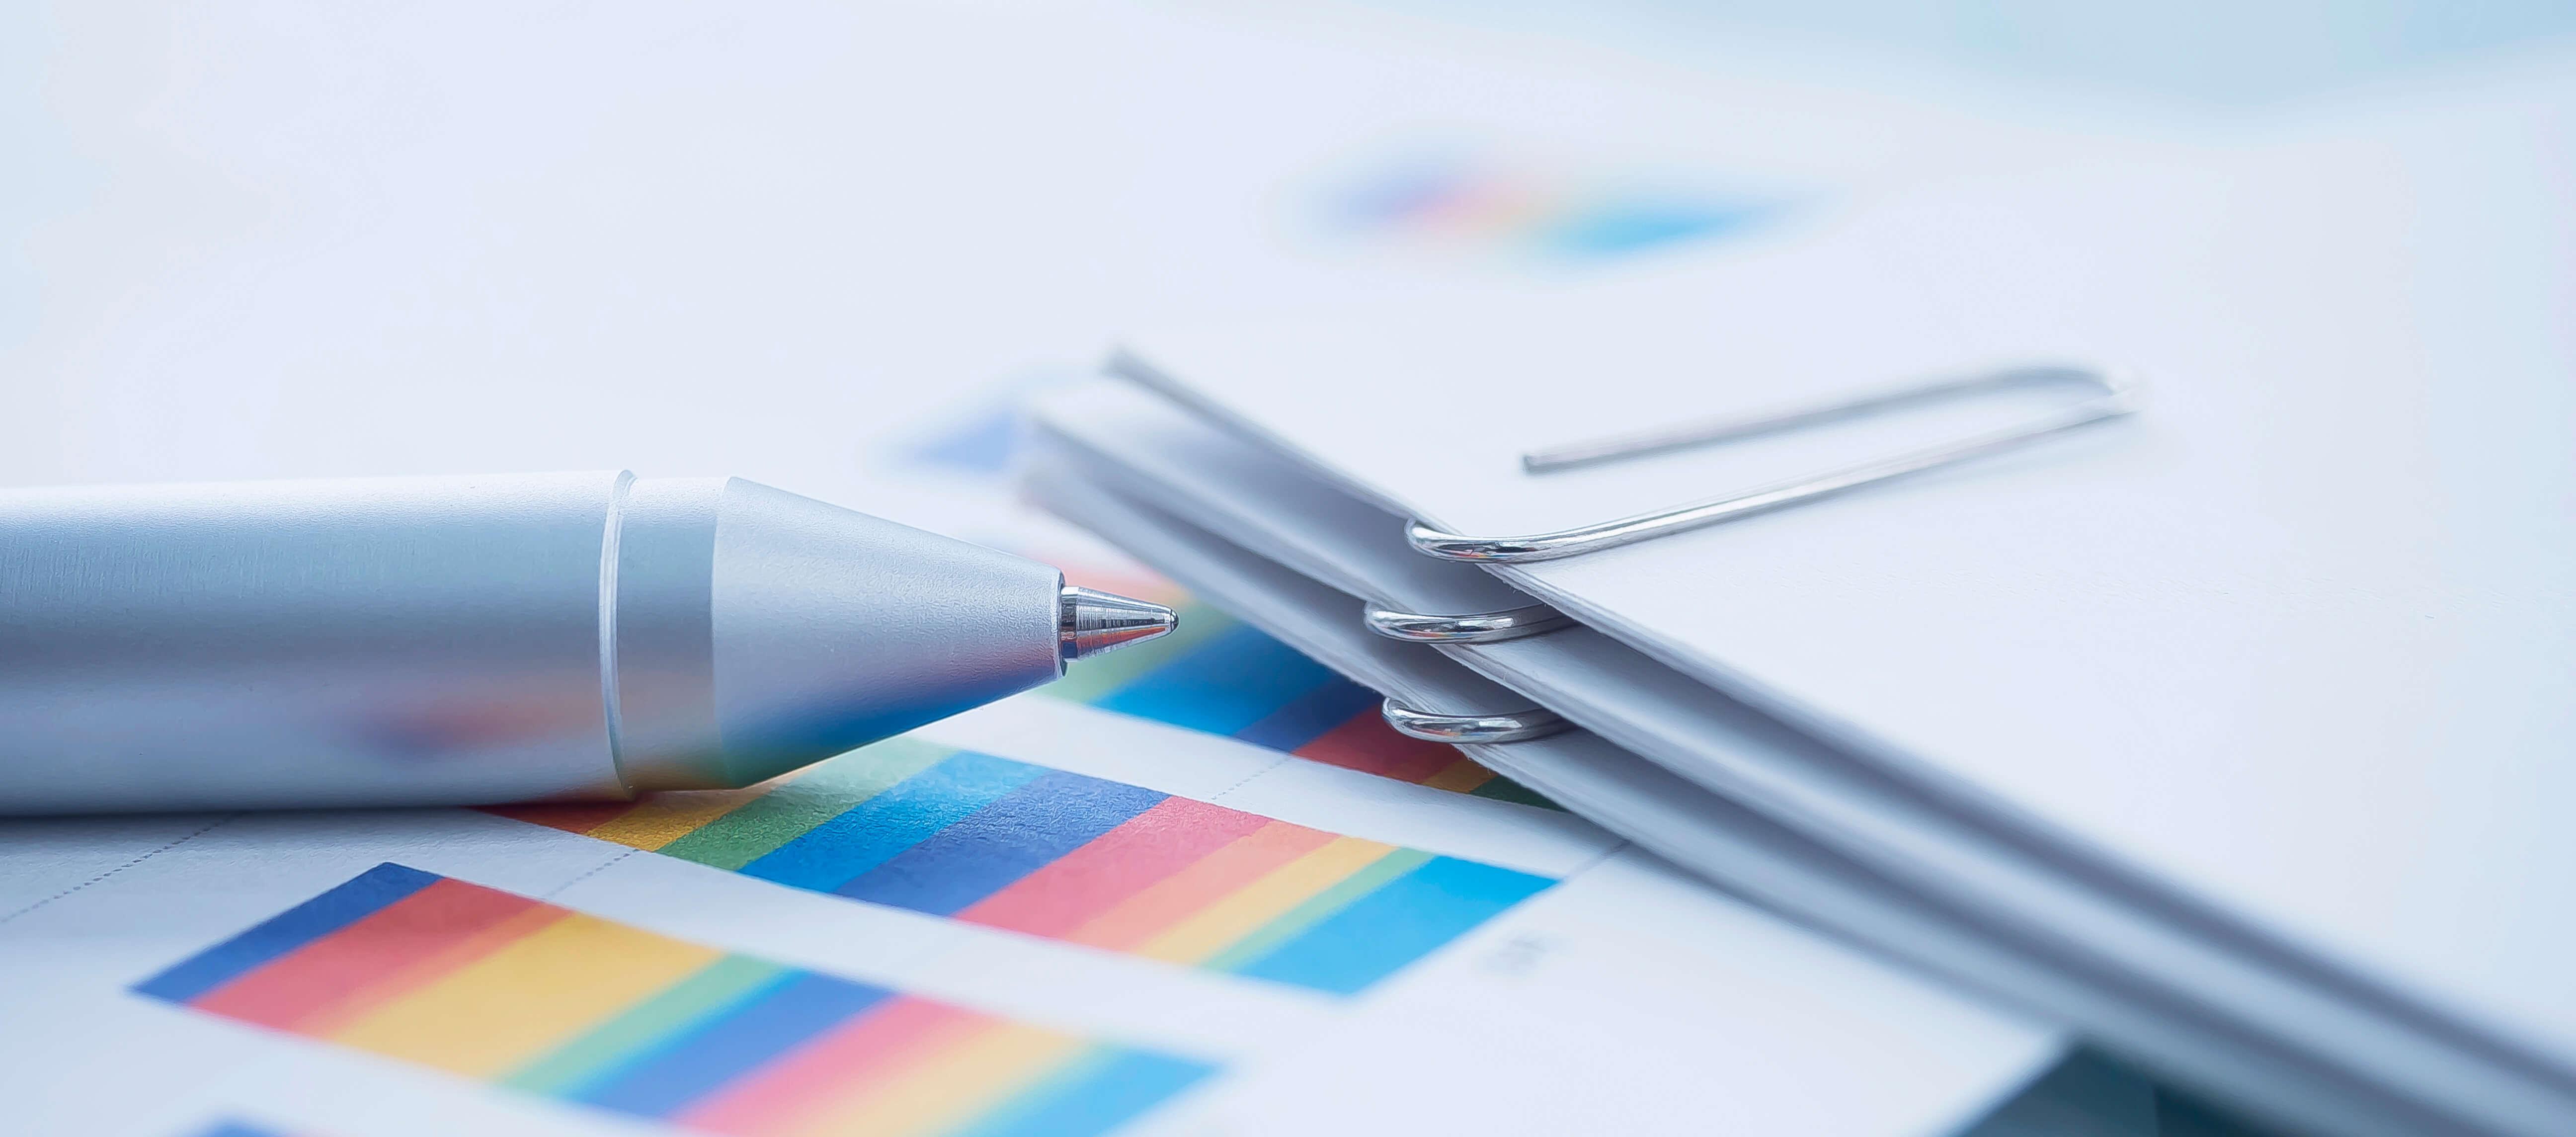 細分化された数値が刻み込まれていた紙